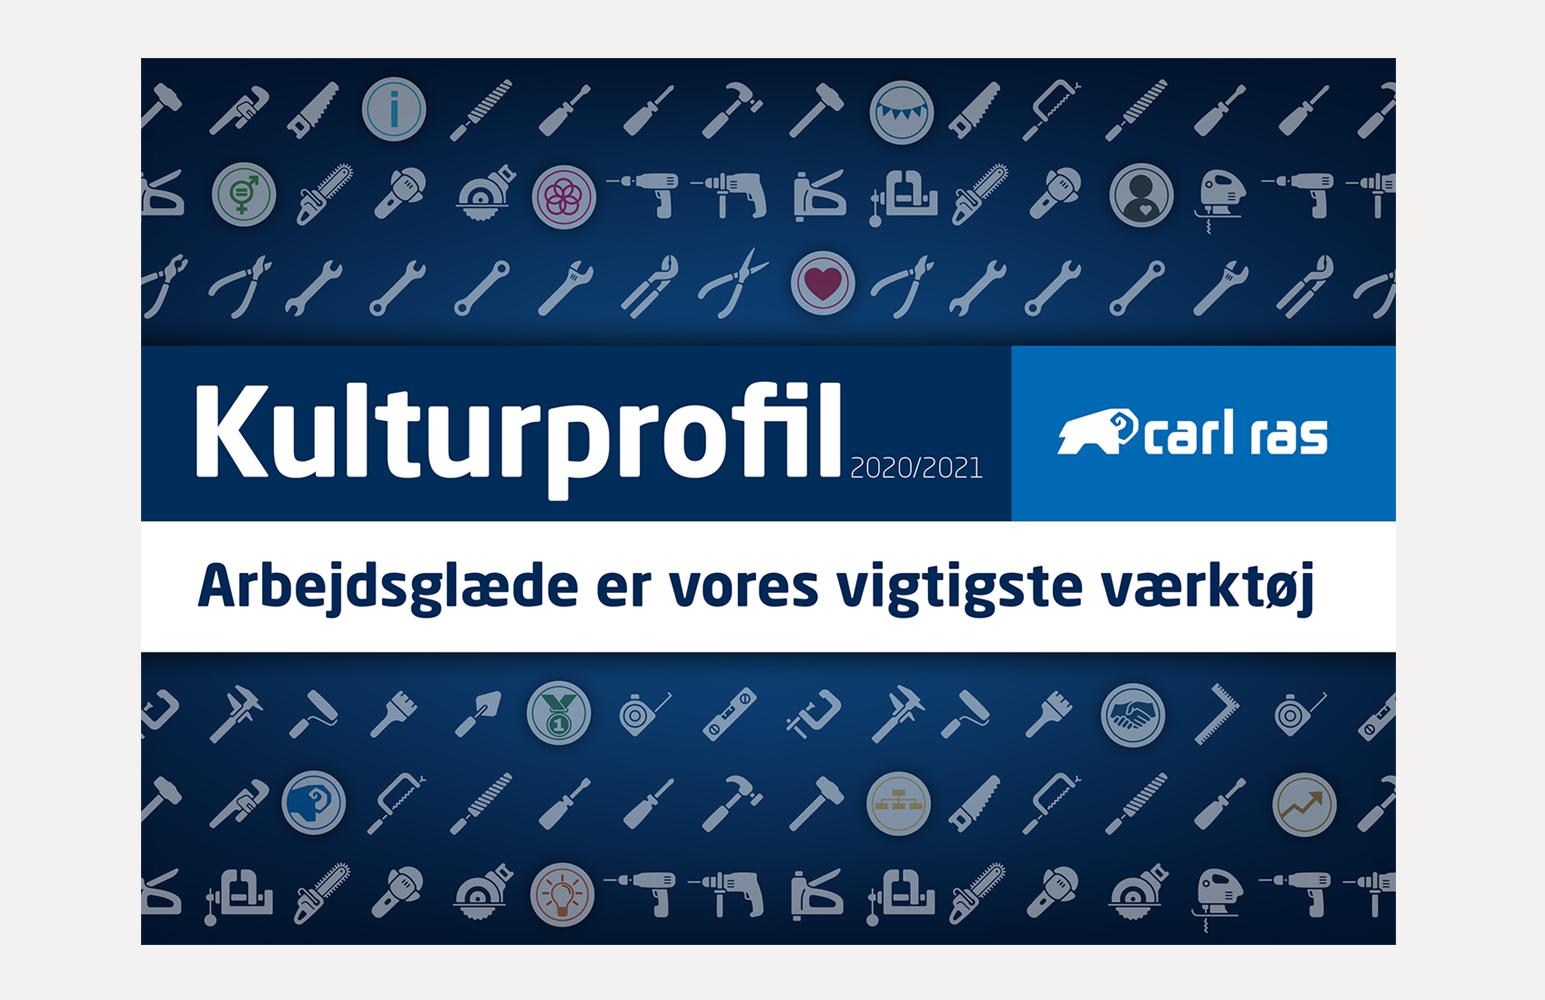 Kulturprofil Carl Ras 2020